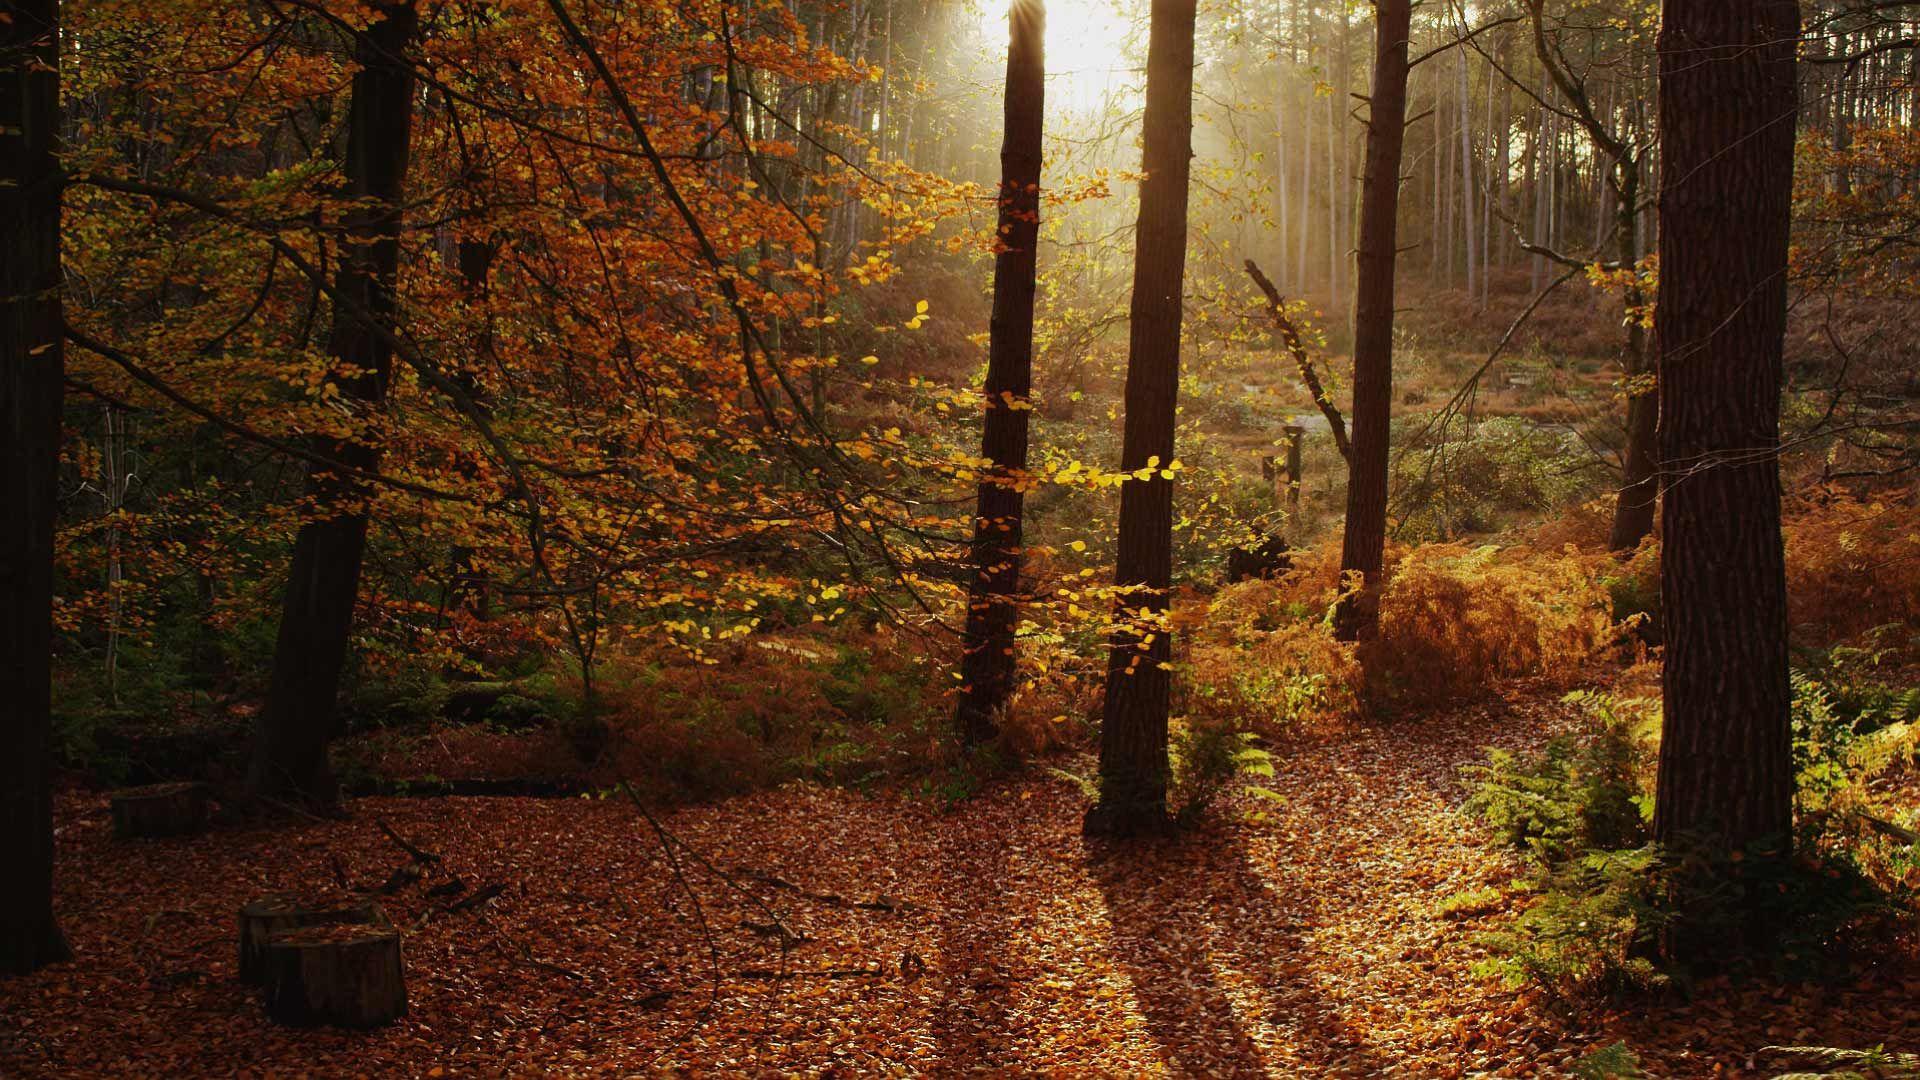 EnglishWoodland_CheshireUK Autumn scenery, Cheshire